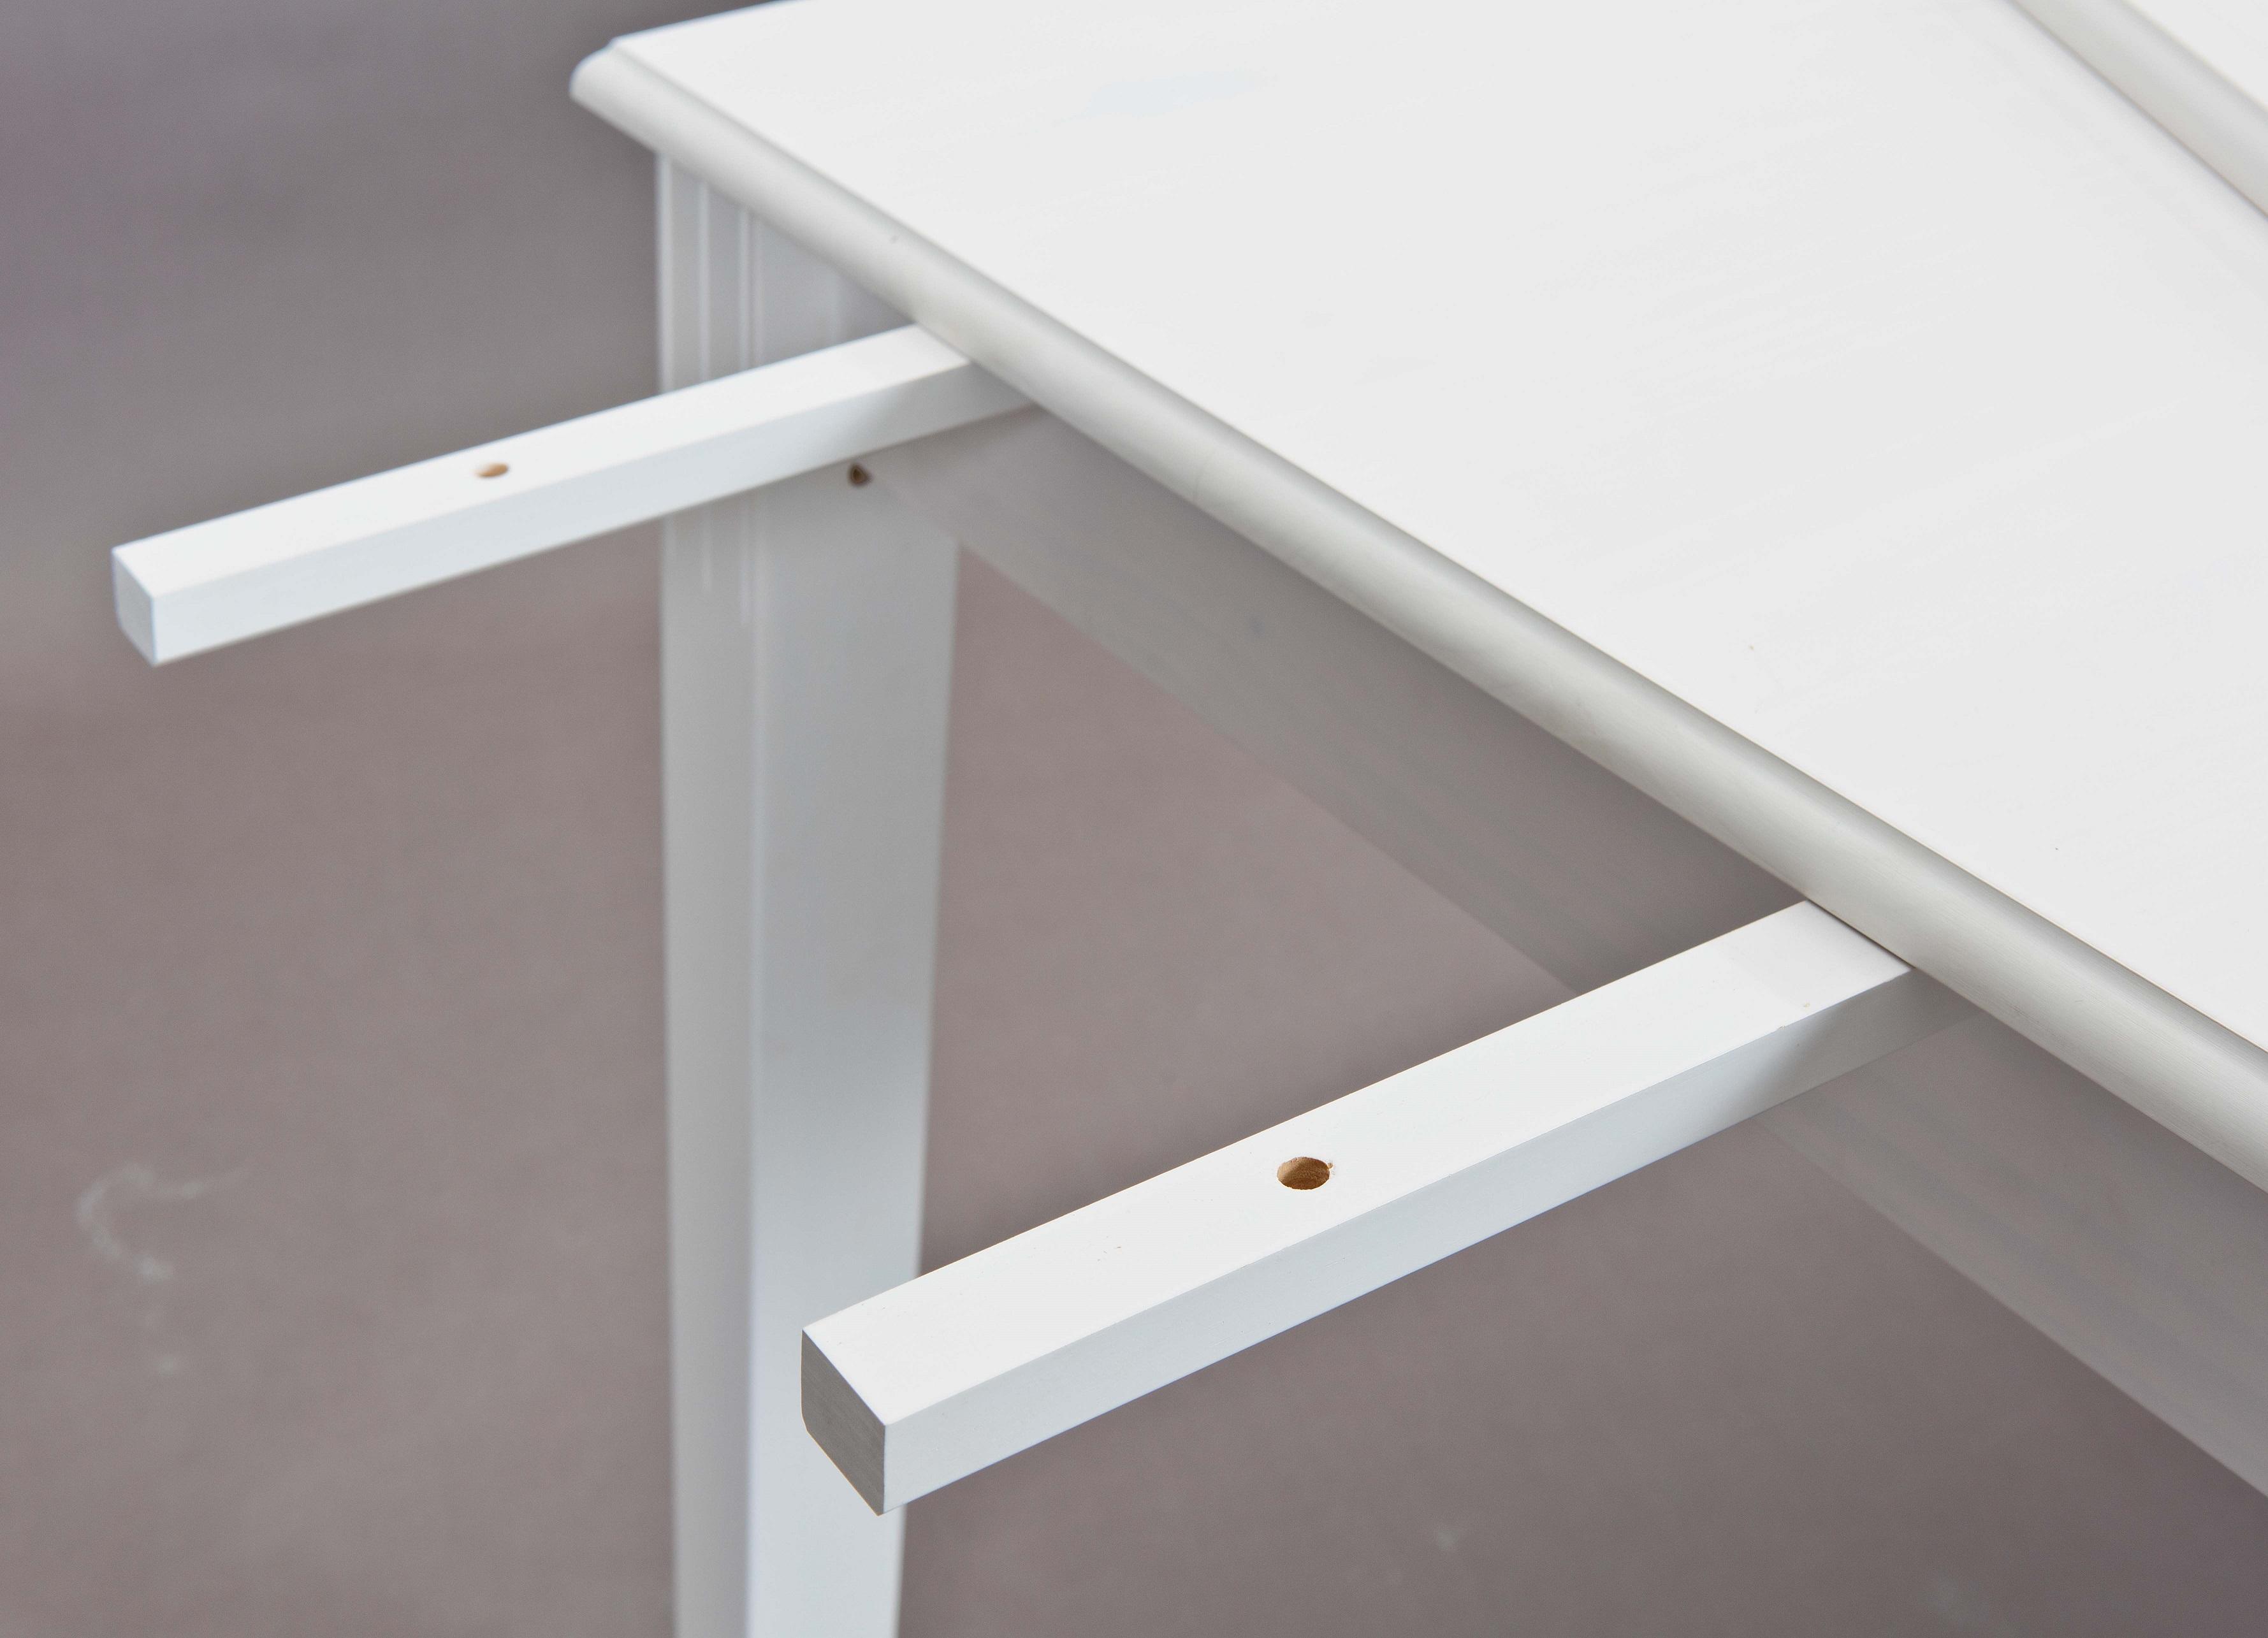 Für Esstisch Zusatzplatte Ansteckplatte Erweiterung Westerland 18.1 Massivholz Weiß